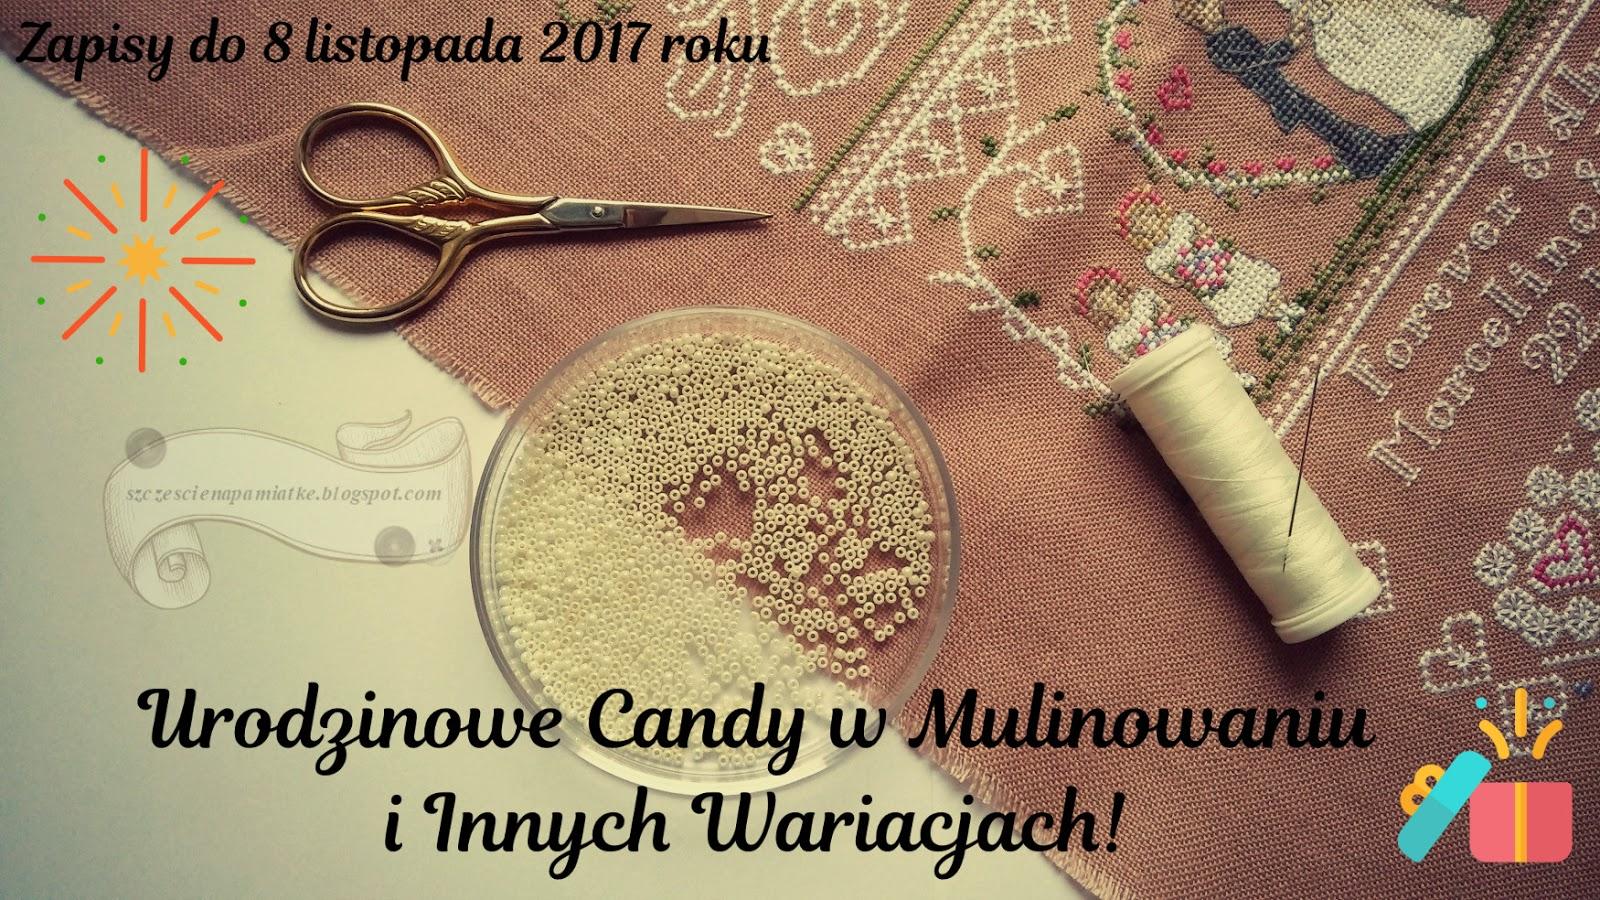 Urodzinowe Candy w Mulinowaniu i Innych Wariacjach